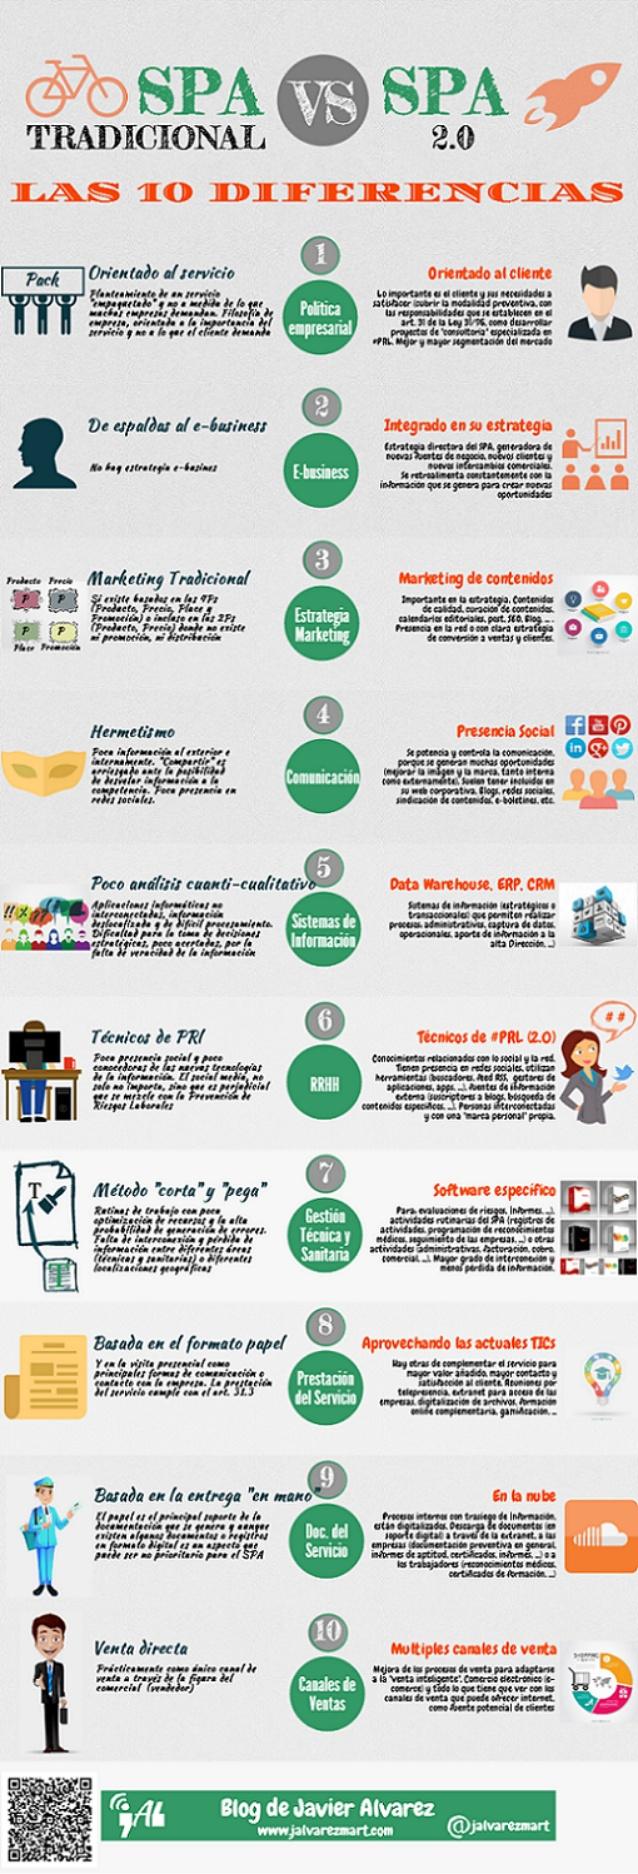 10 diferencias entre un SPA tradicional y uno 2.0